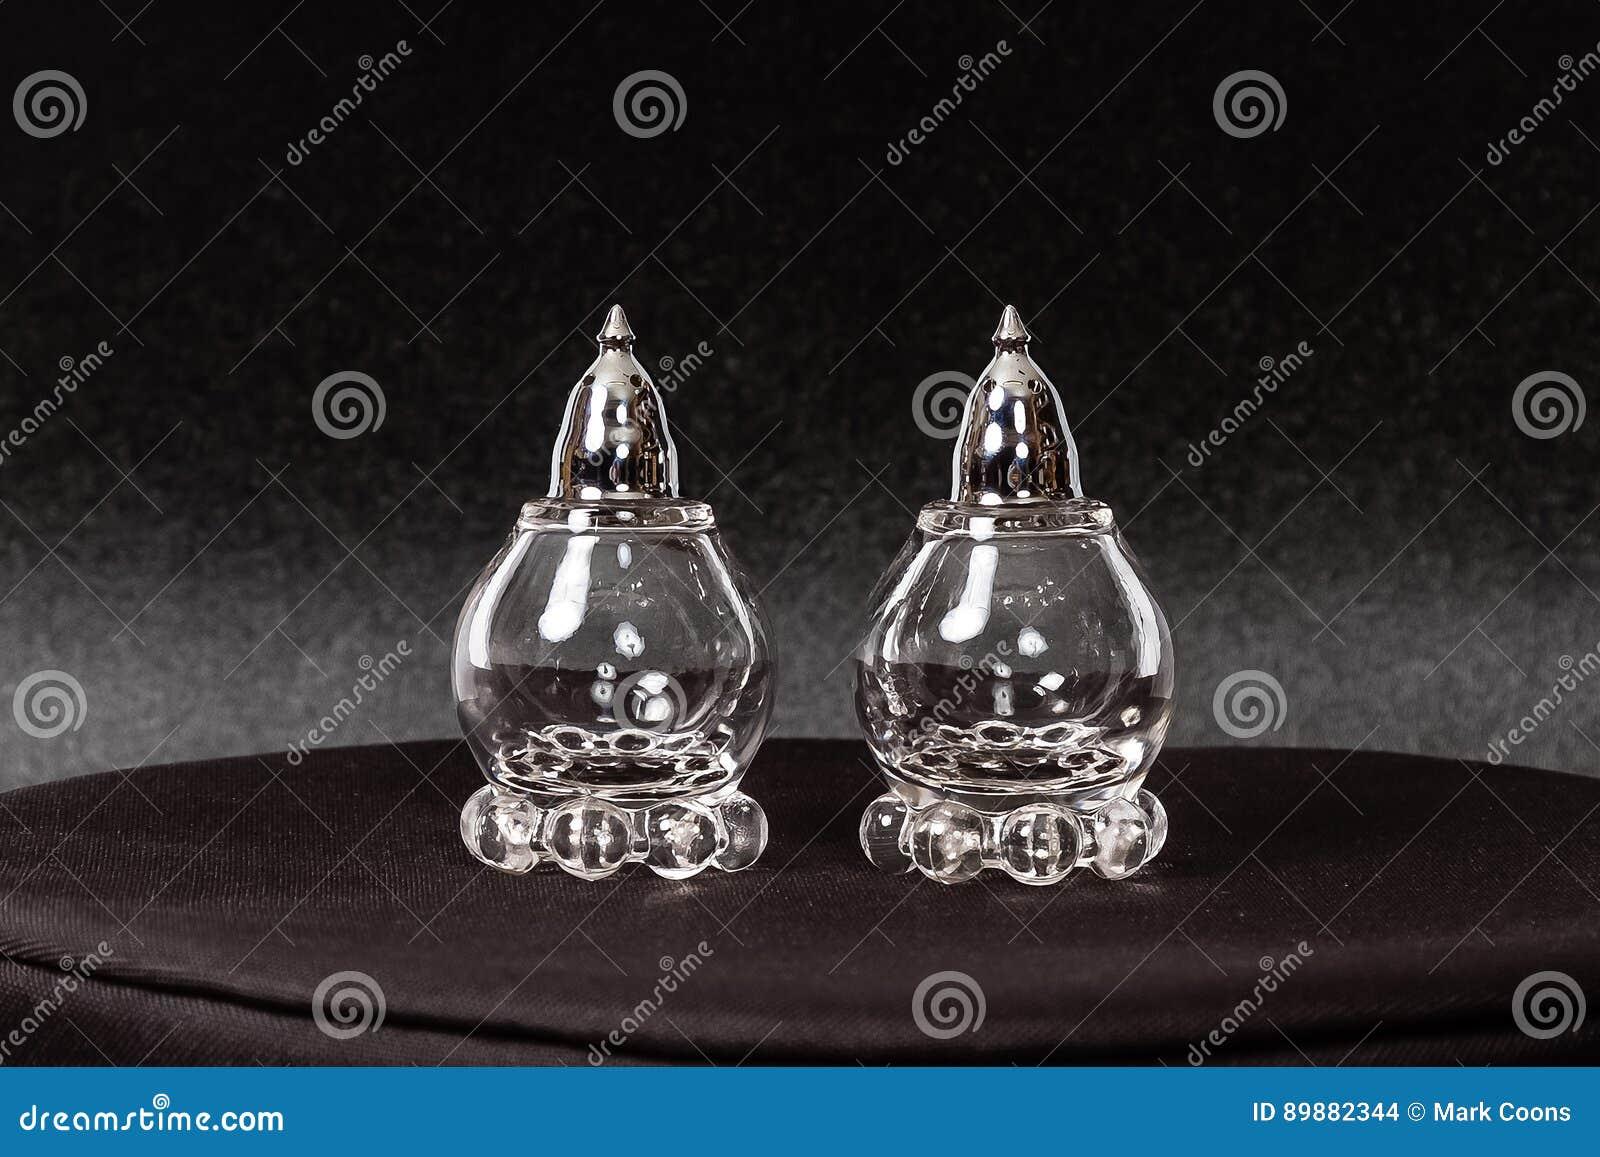 银被打翻的水晶盐和胡椒罐